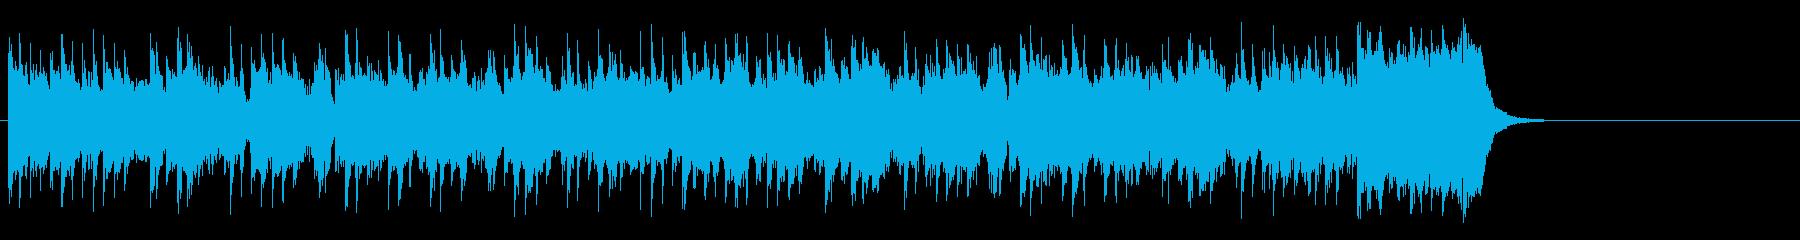 テーマパーク向けポップ(サビ~エンド)の再生済みの波形